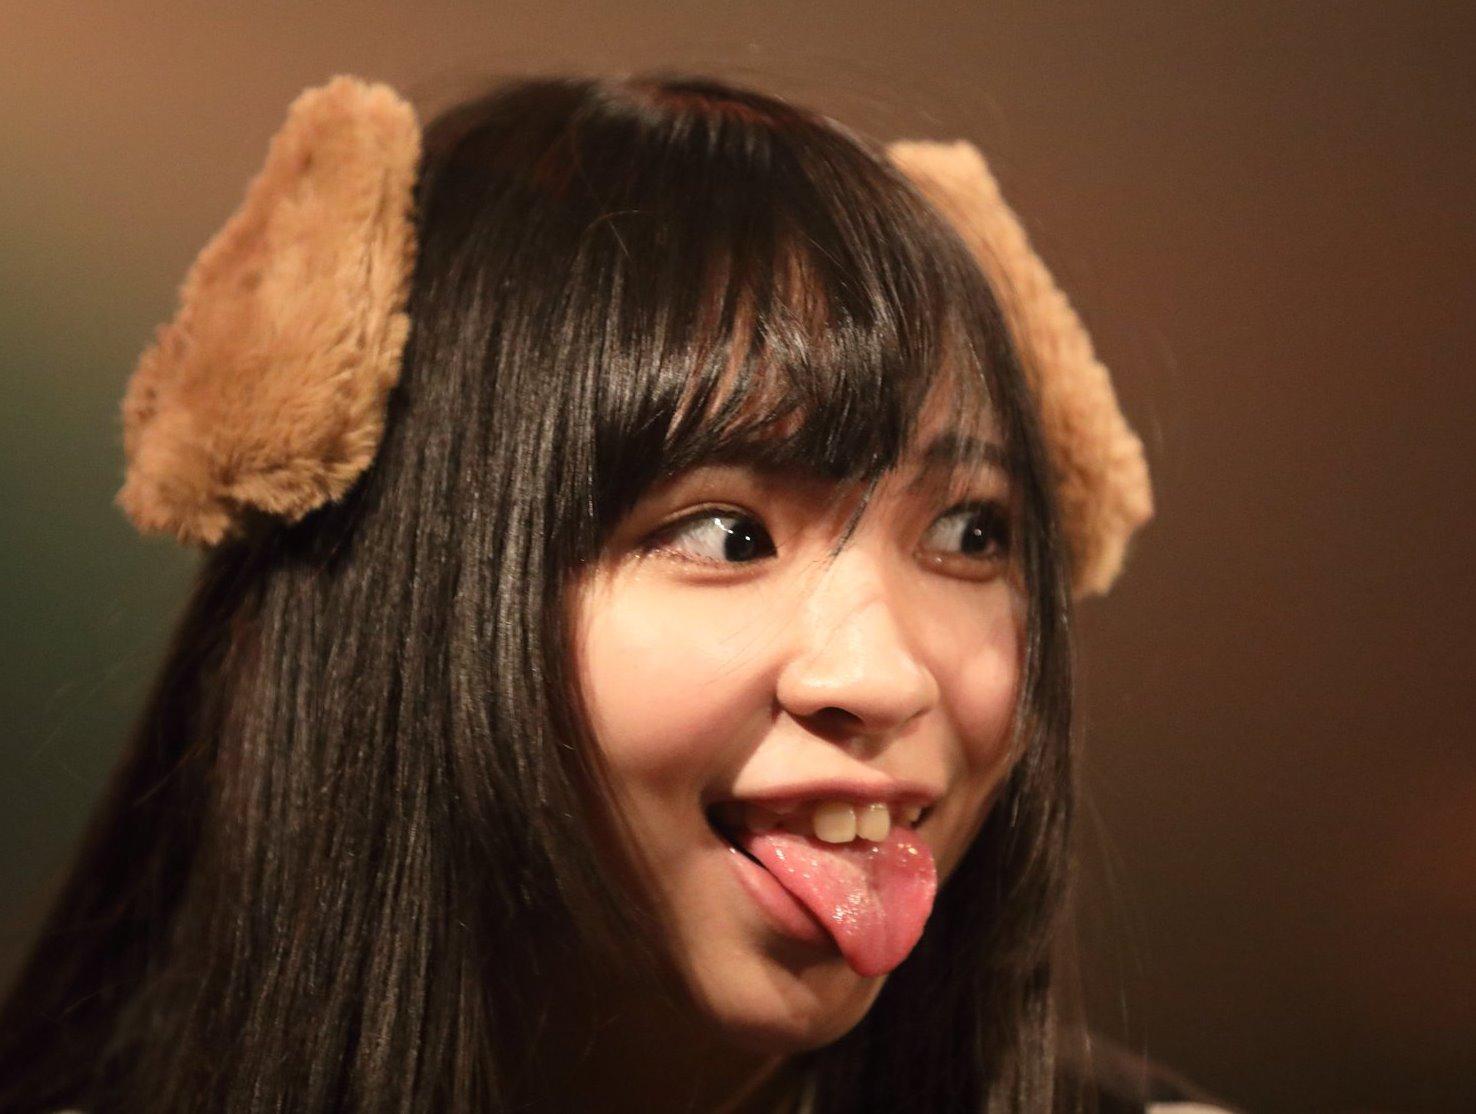 駄好乙のデカトロ舌まとめ (22)